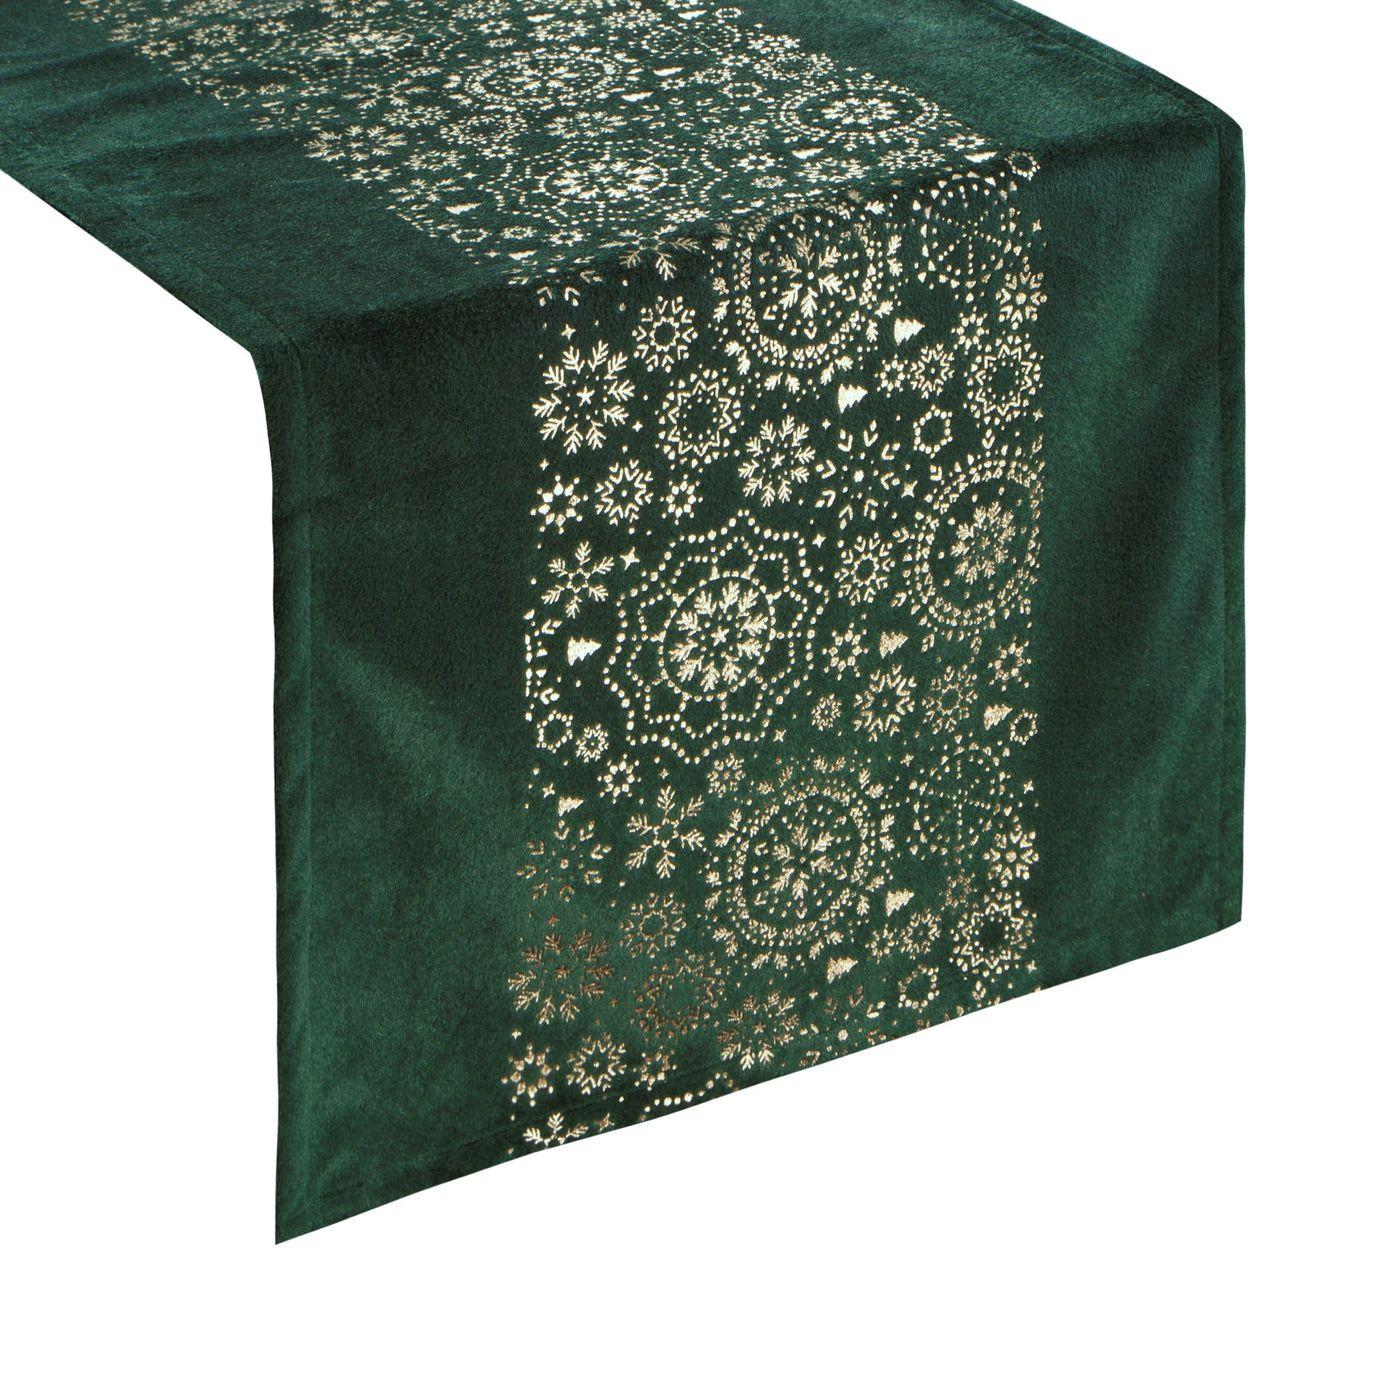 Zielony bieżnik w śnieżynki welwetowy 40x140 cm